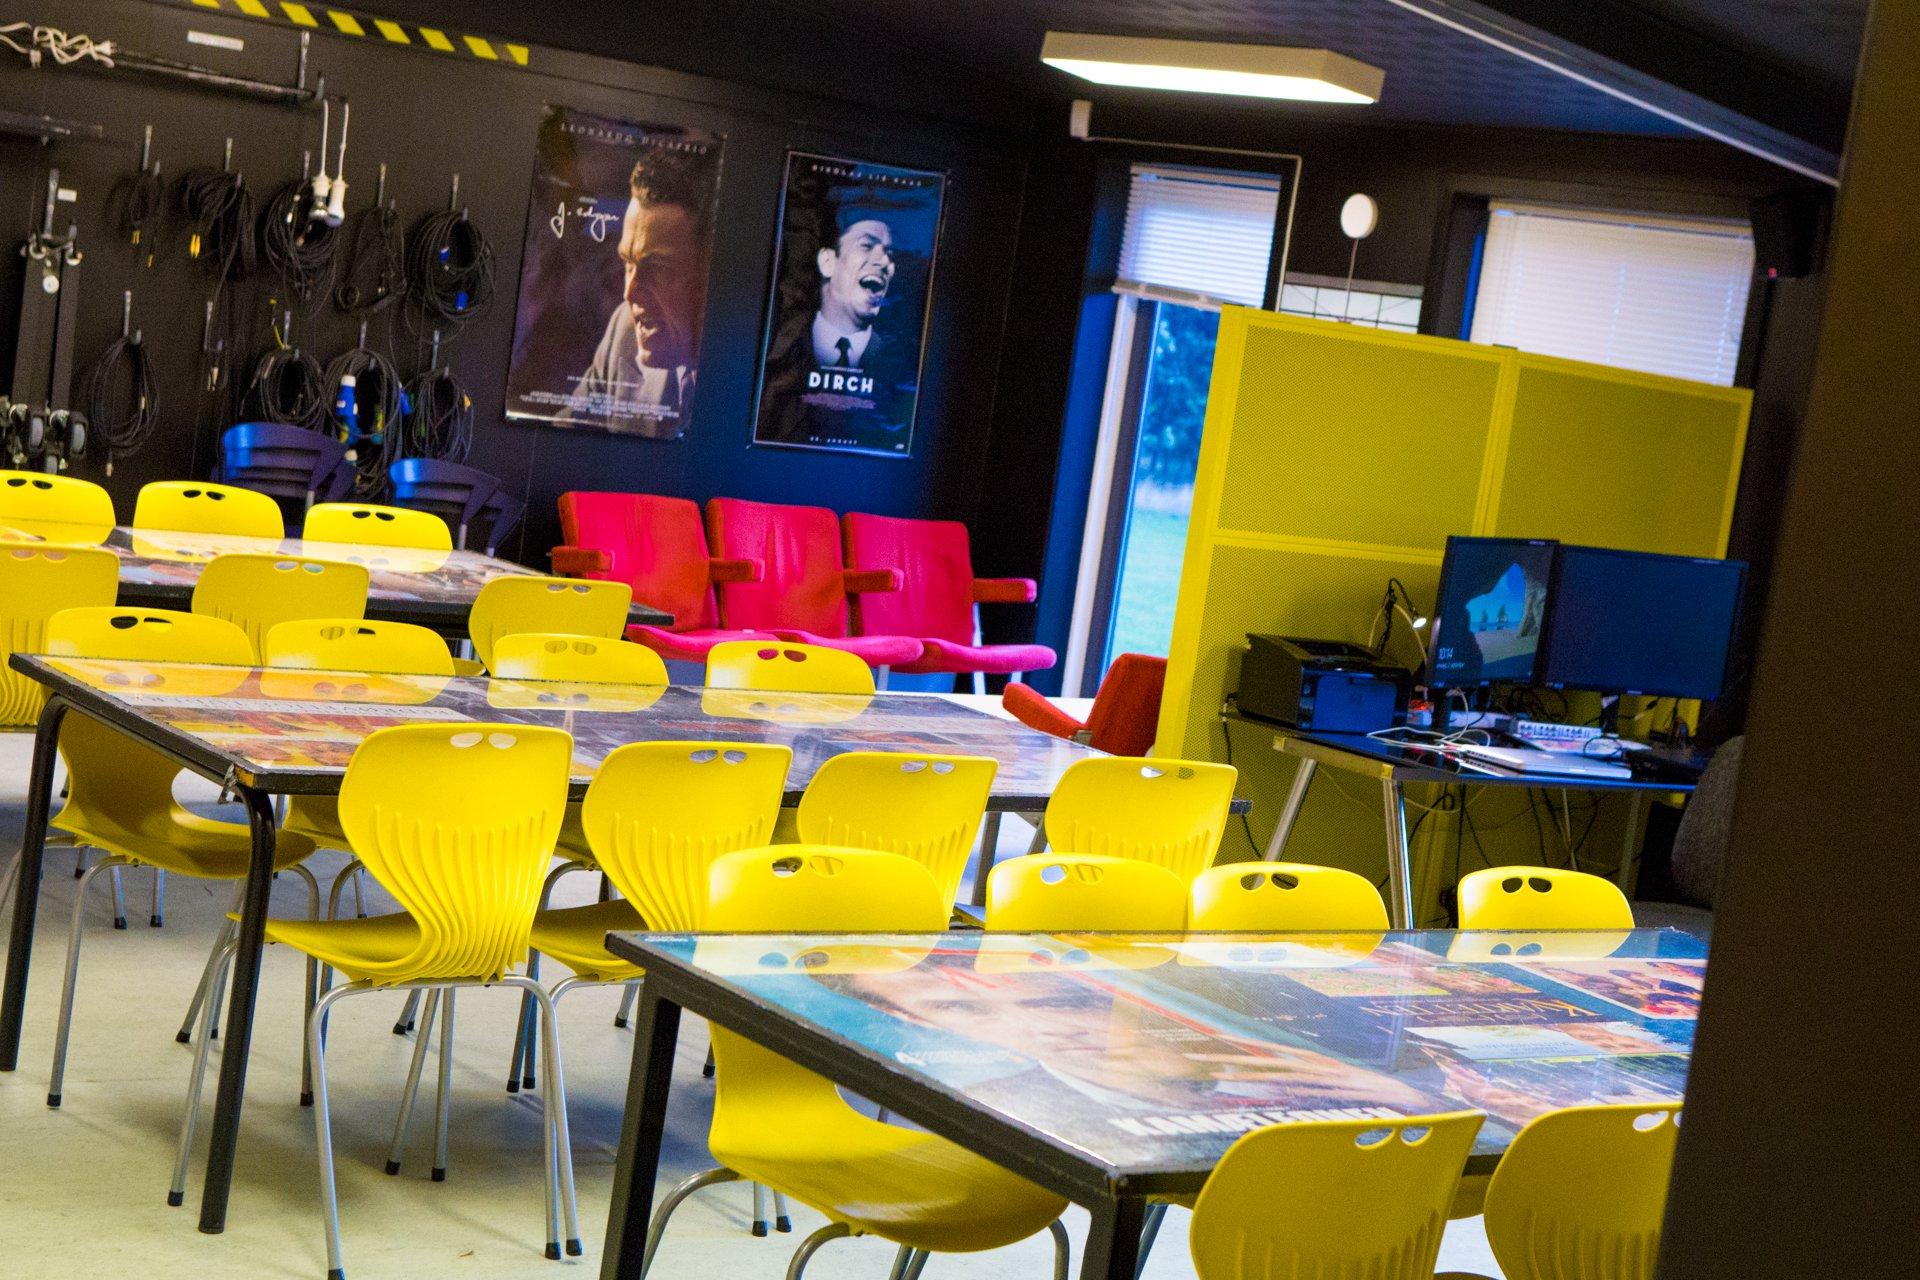 Filmlokalet med gule stole og masser af grej